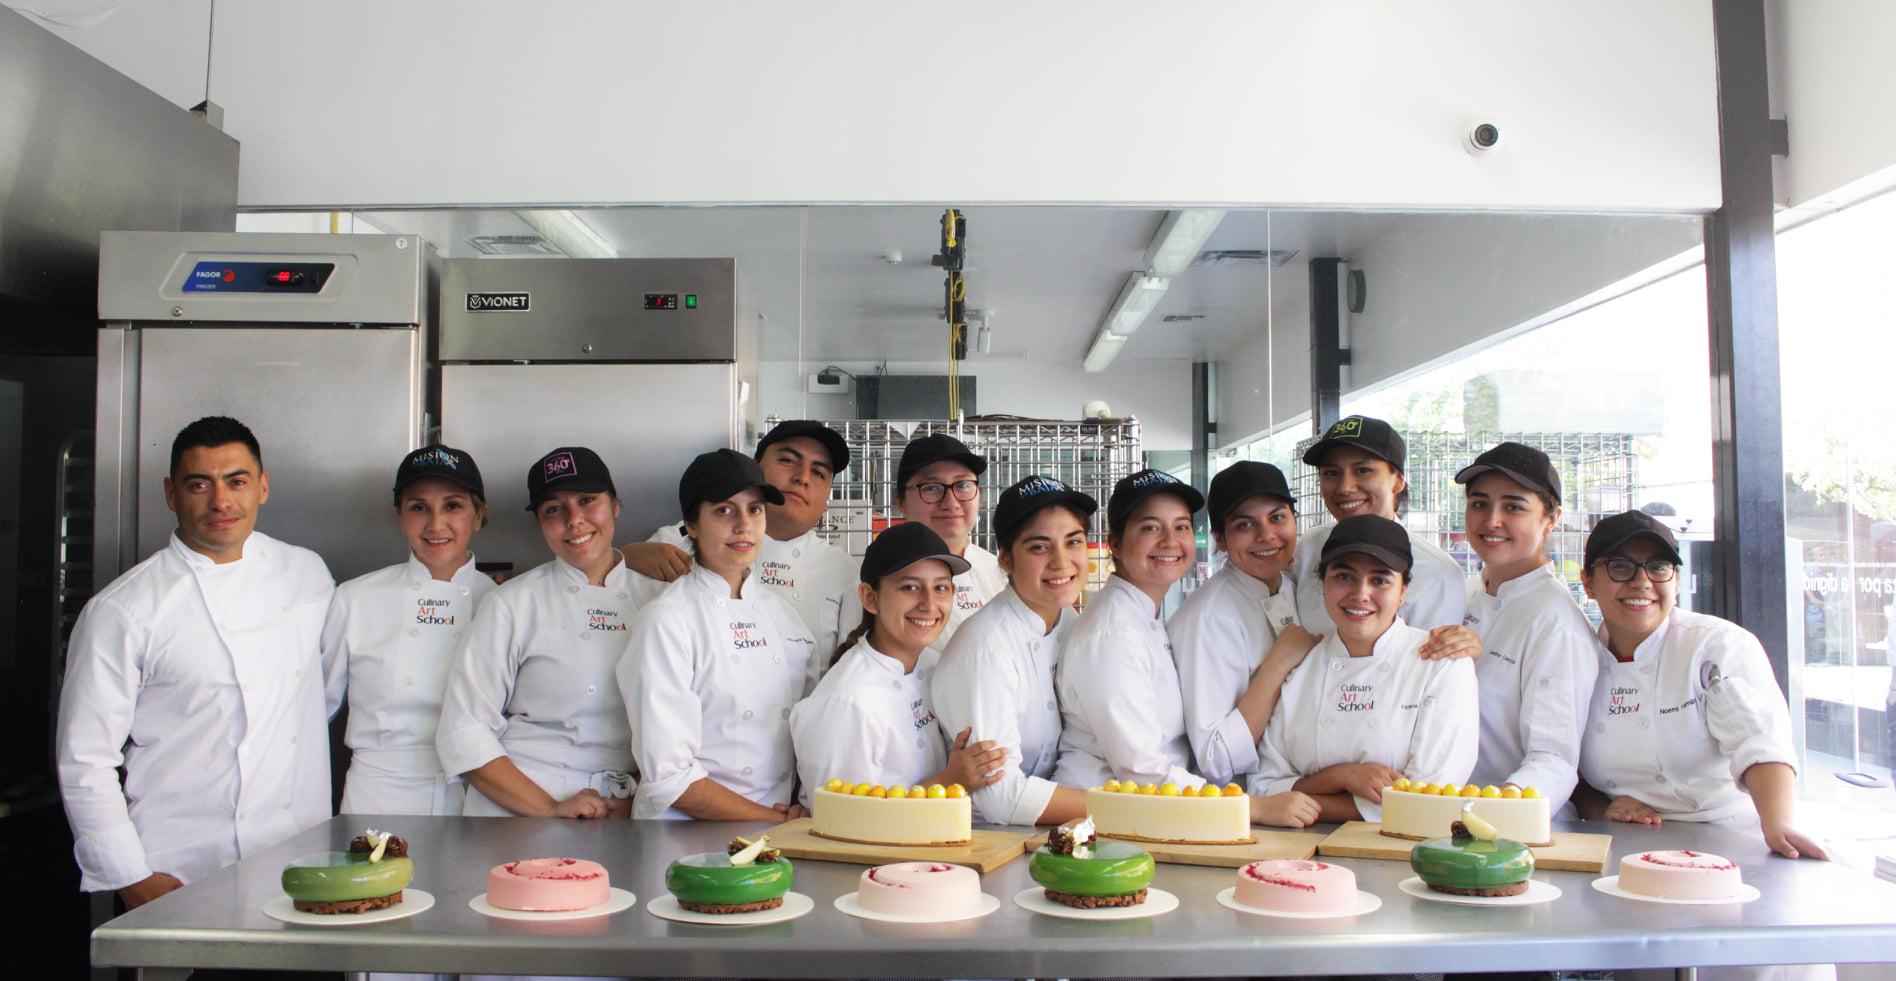 Los chefs del Culinary Art School salen a las mejores cocinas del mundo